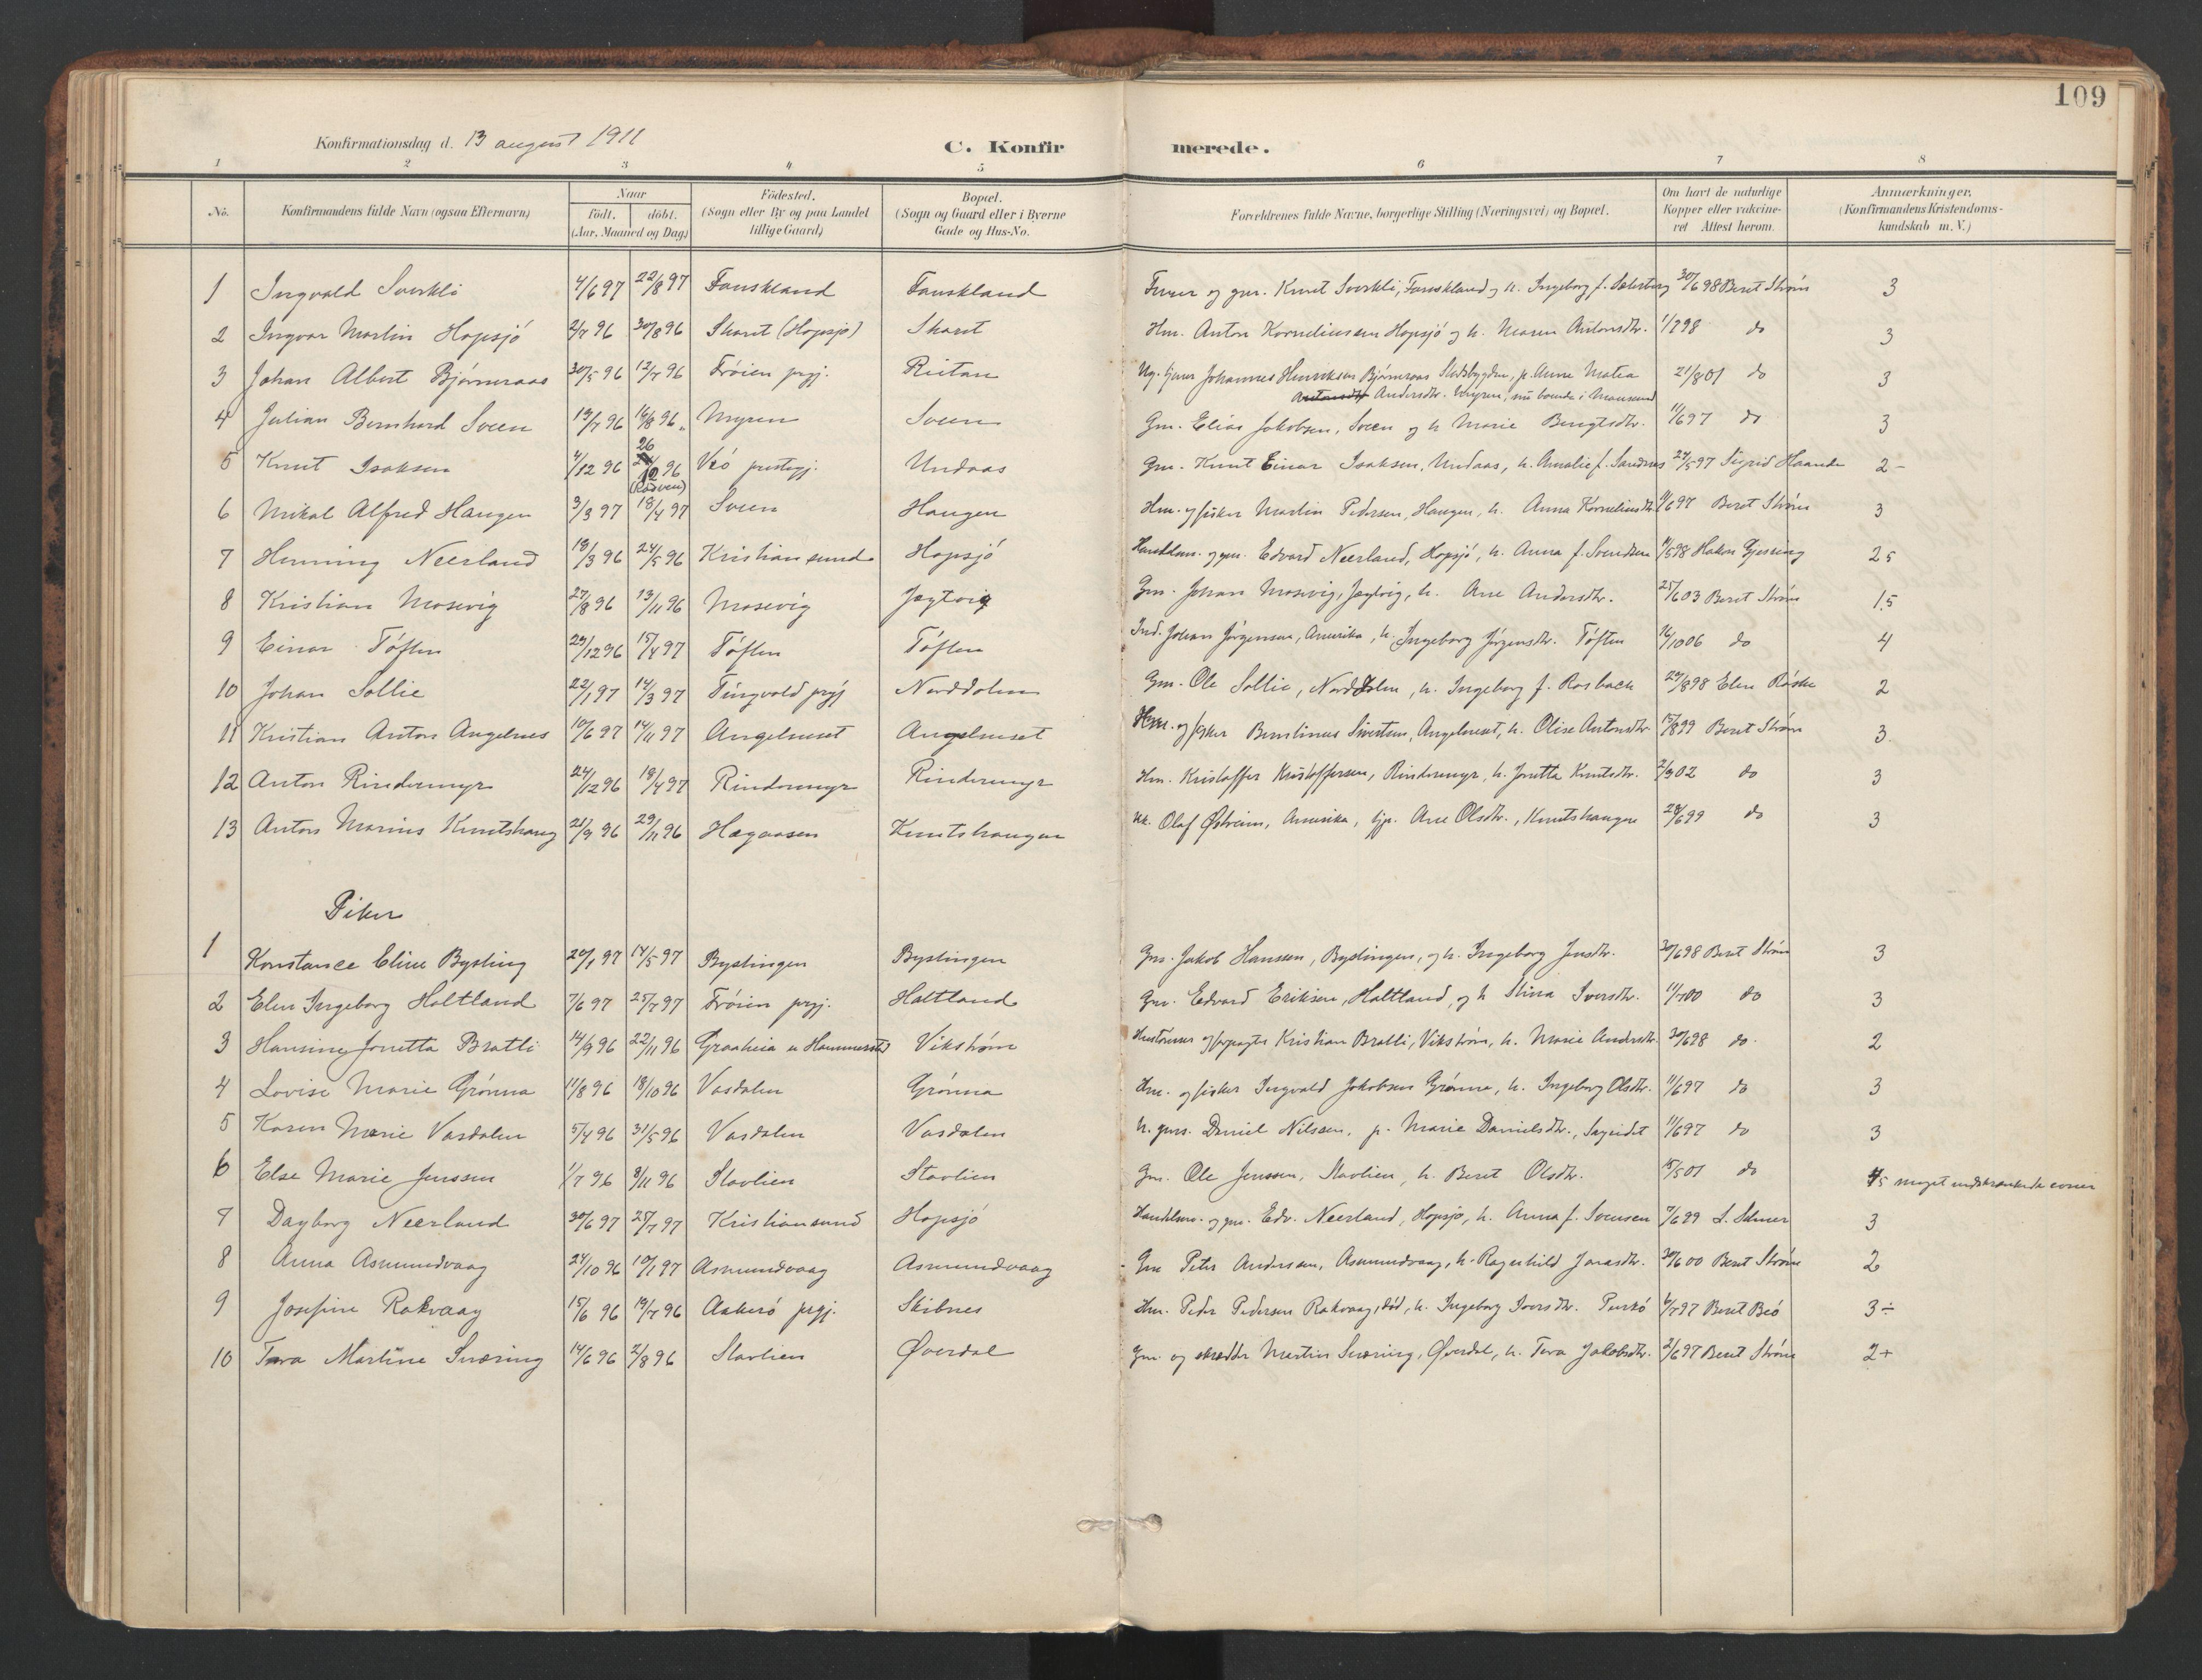 SAT, Ministerialprotokoller, klokkerbøker og fødselsregistre - Sør-Trøndelag, 634/L0537: Ministerialbok nr. 634A13, 1896-1922, s. 109